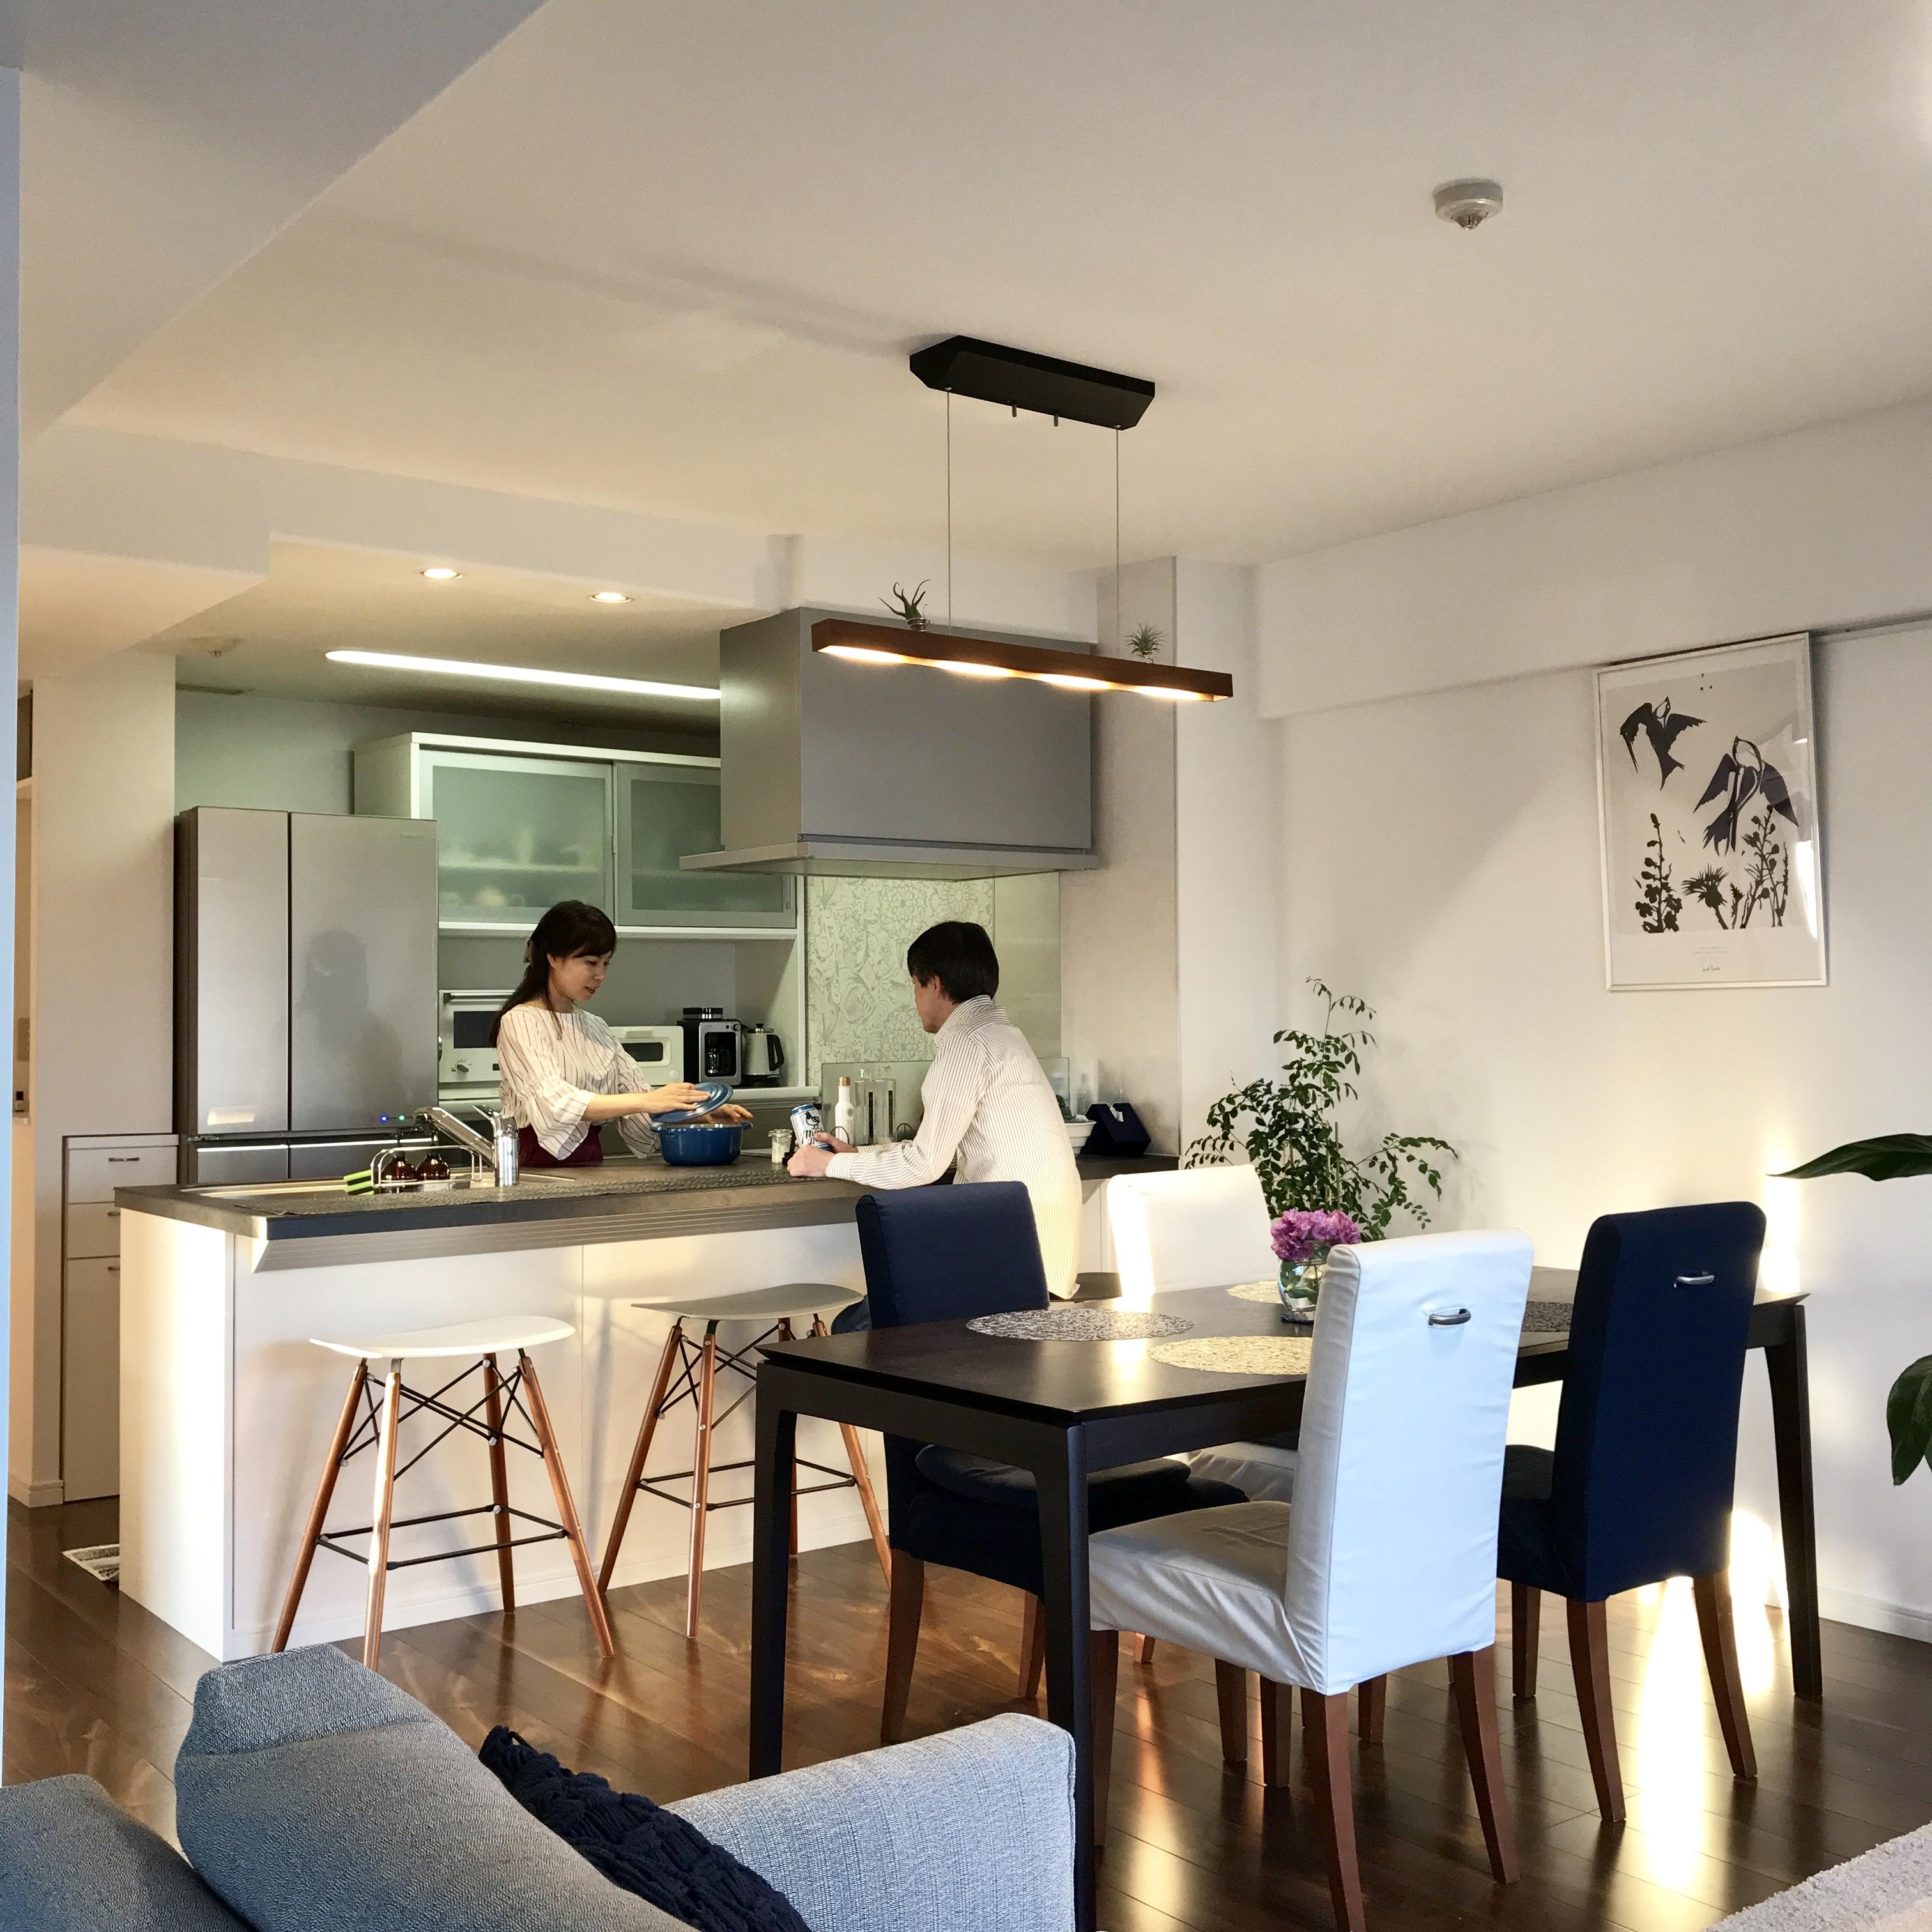 「ひとつひとつが洗練された、開放的でシックなキッチン」 by NOAHさん